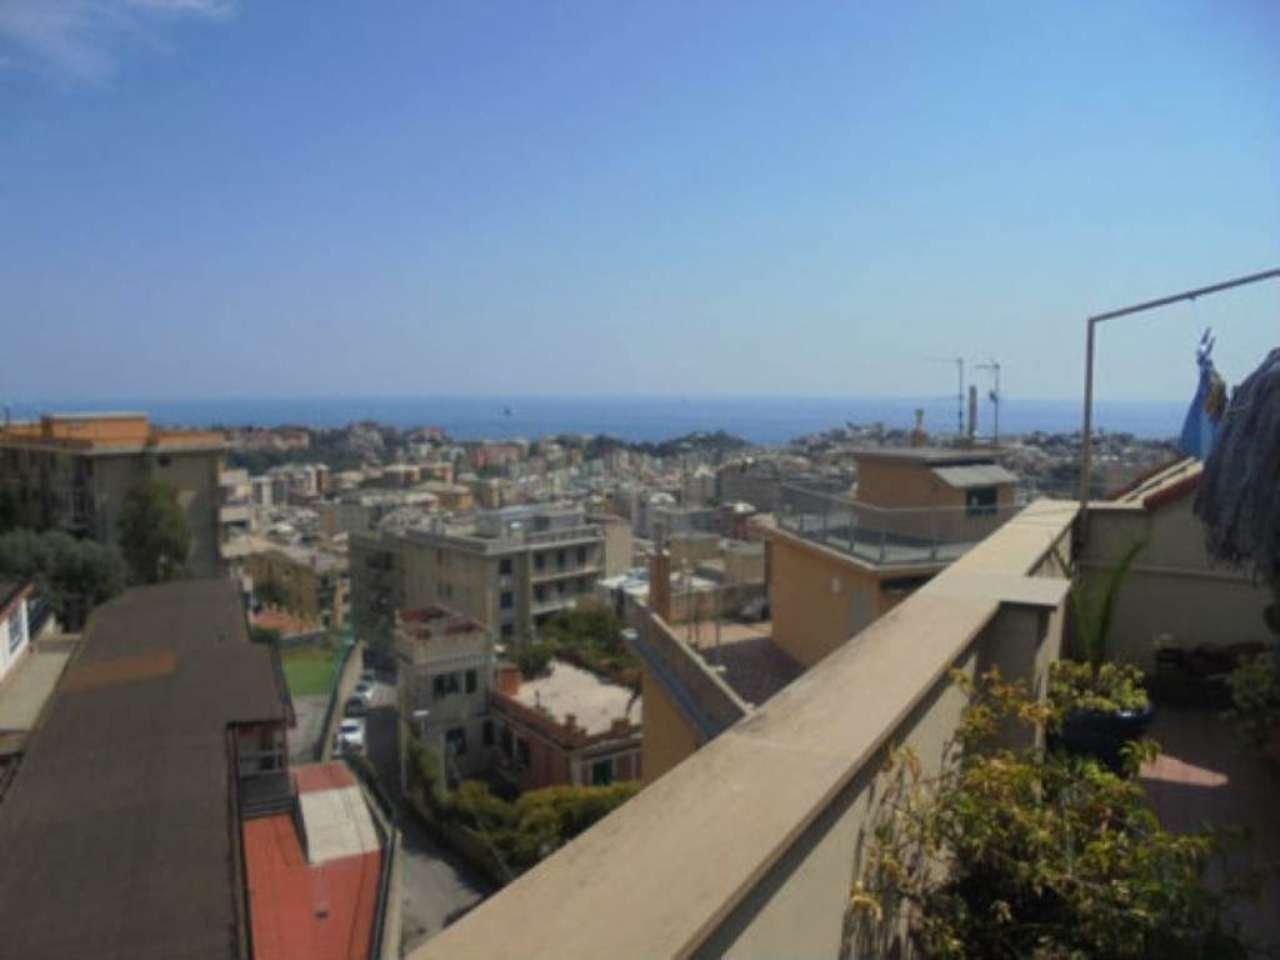 Attico / Mansarda in affitto a Genova, 4 locali, prezzo € 550 | Cambio Casa.it